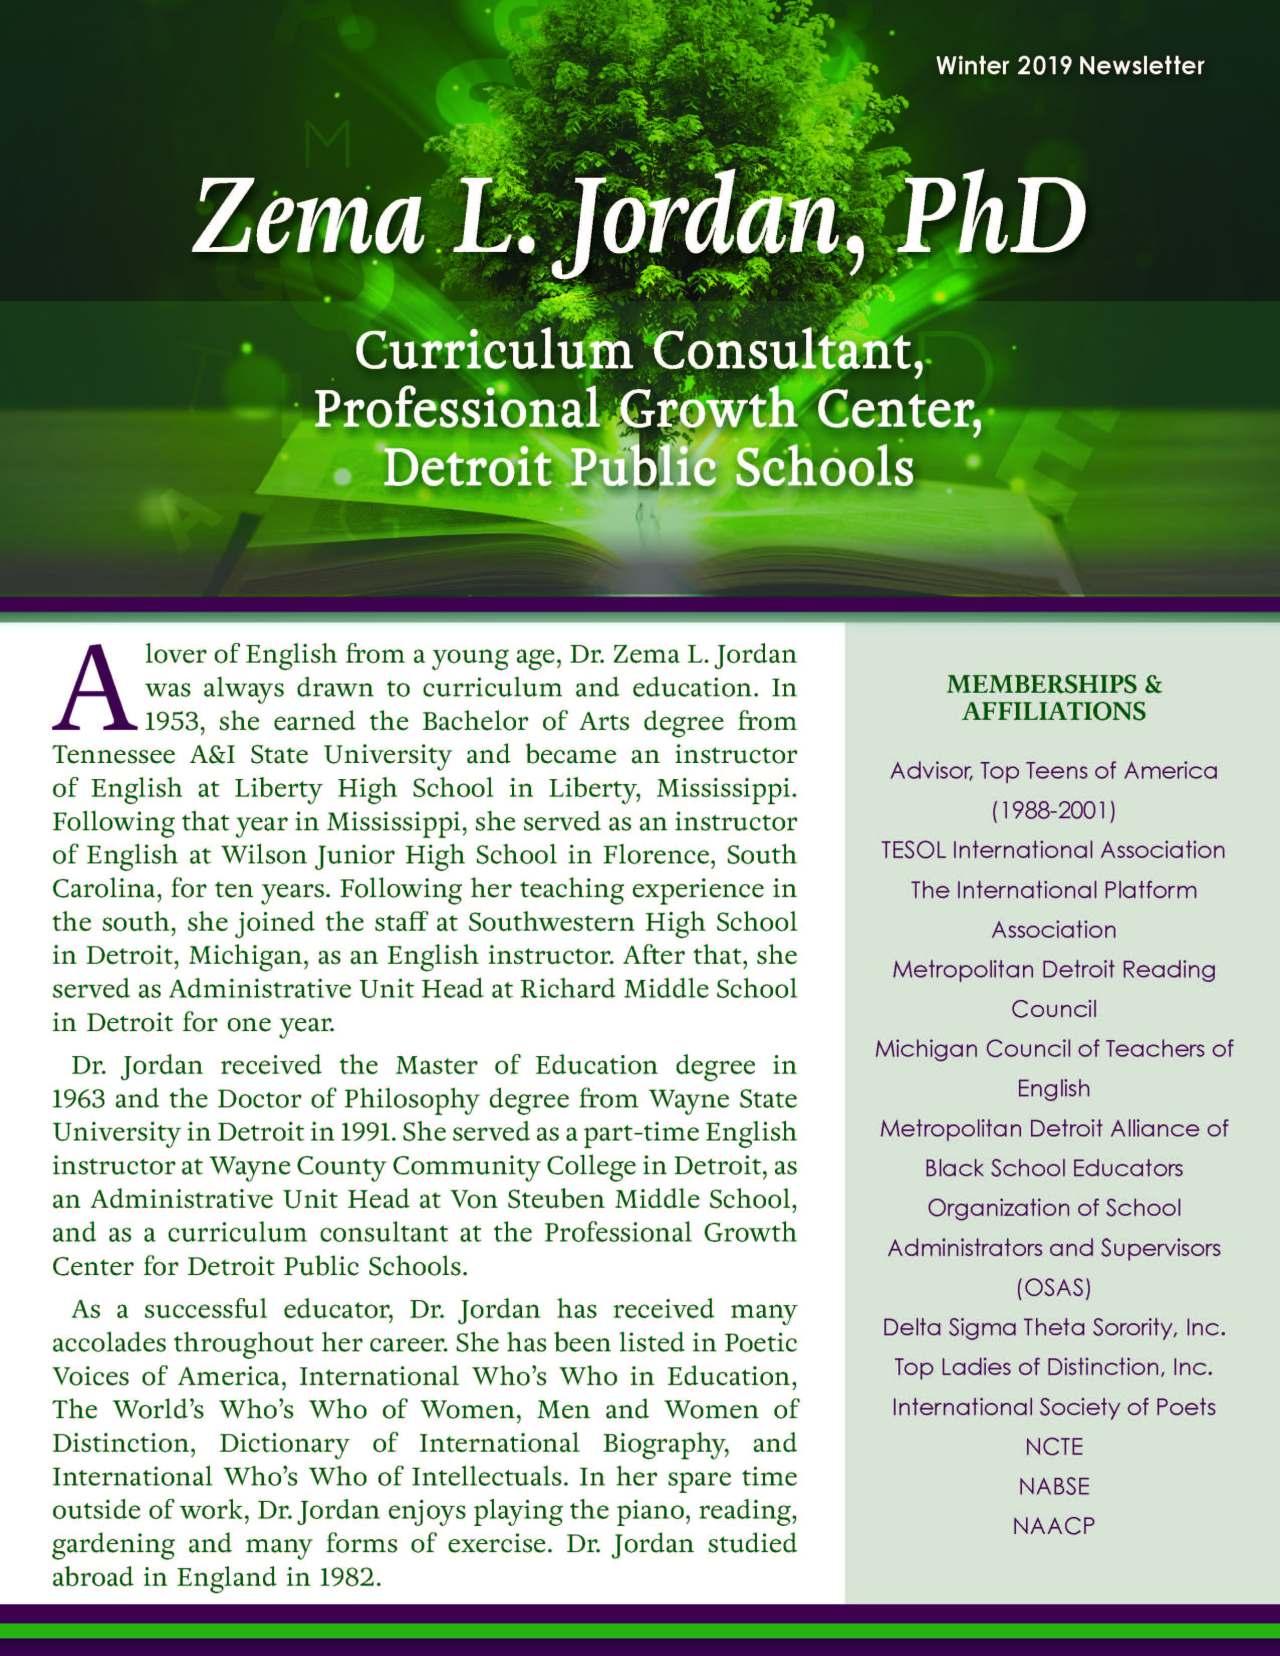 Jordan, Zema 4110680_669540 Newsletter REVISED.jpg